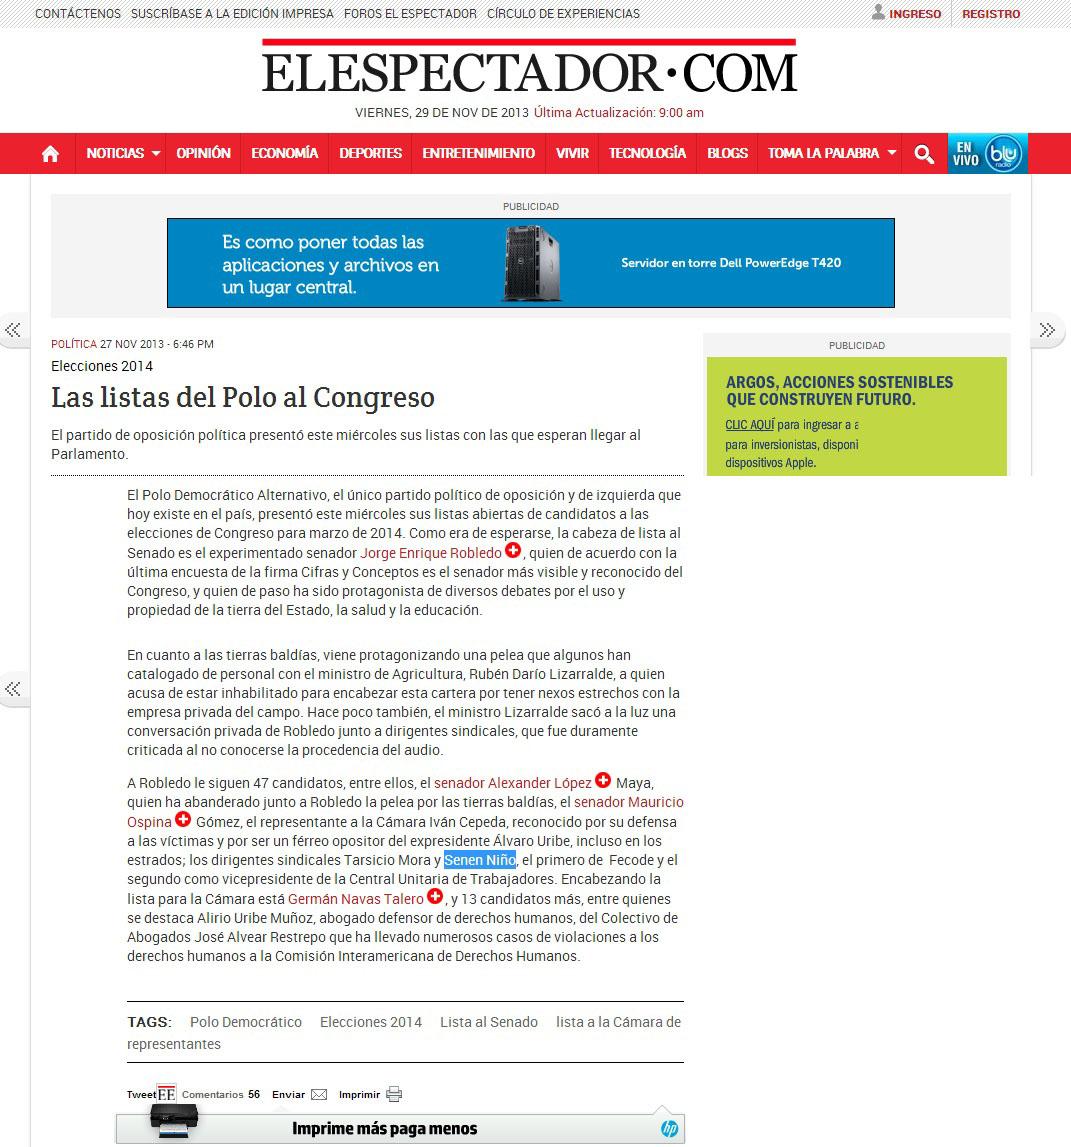 EL ESPECATADOR.COM NOV 27 2013